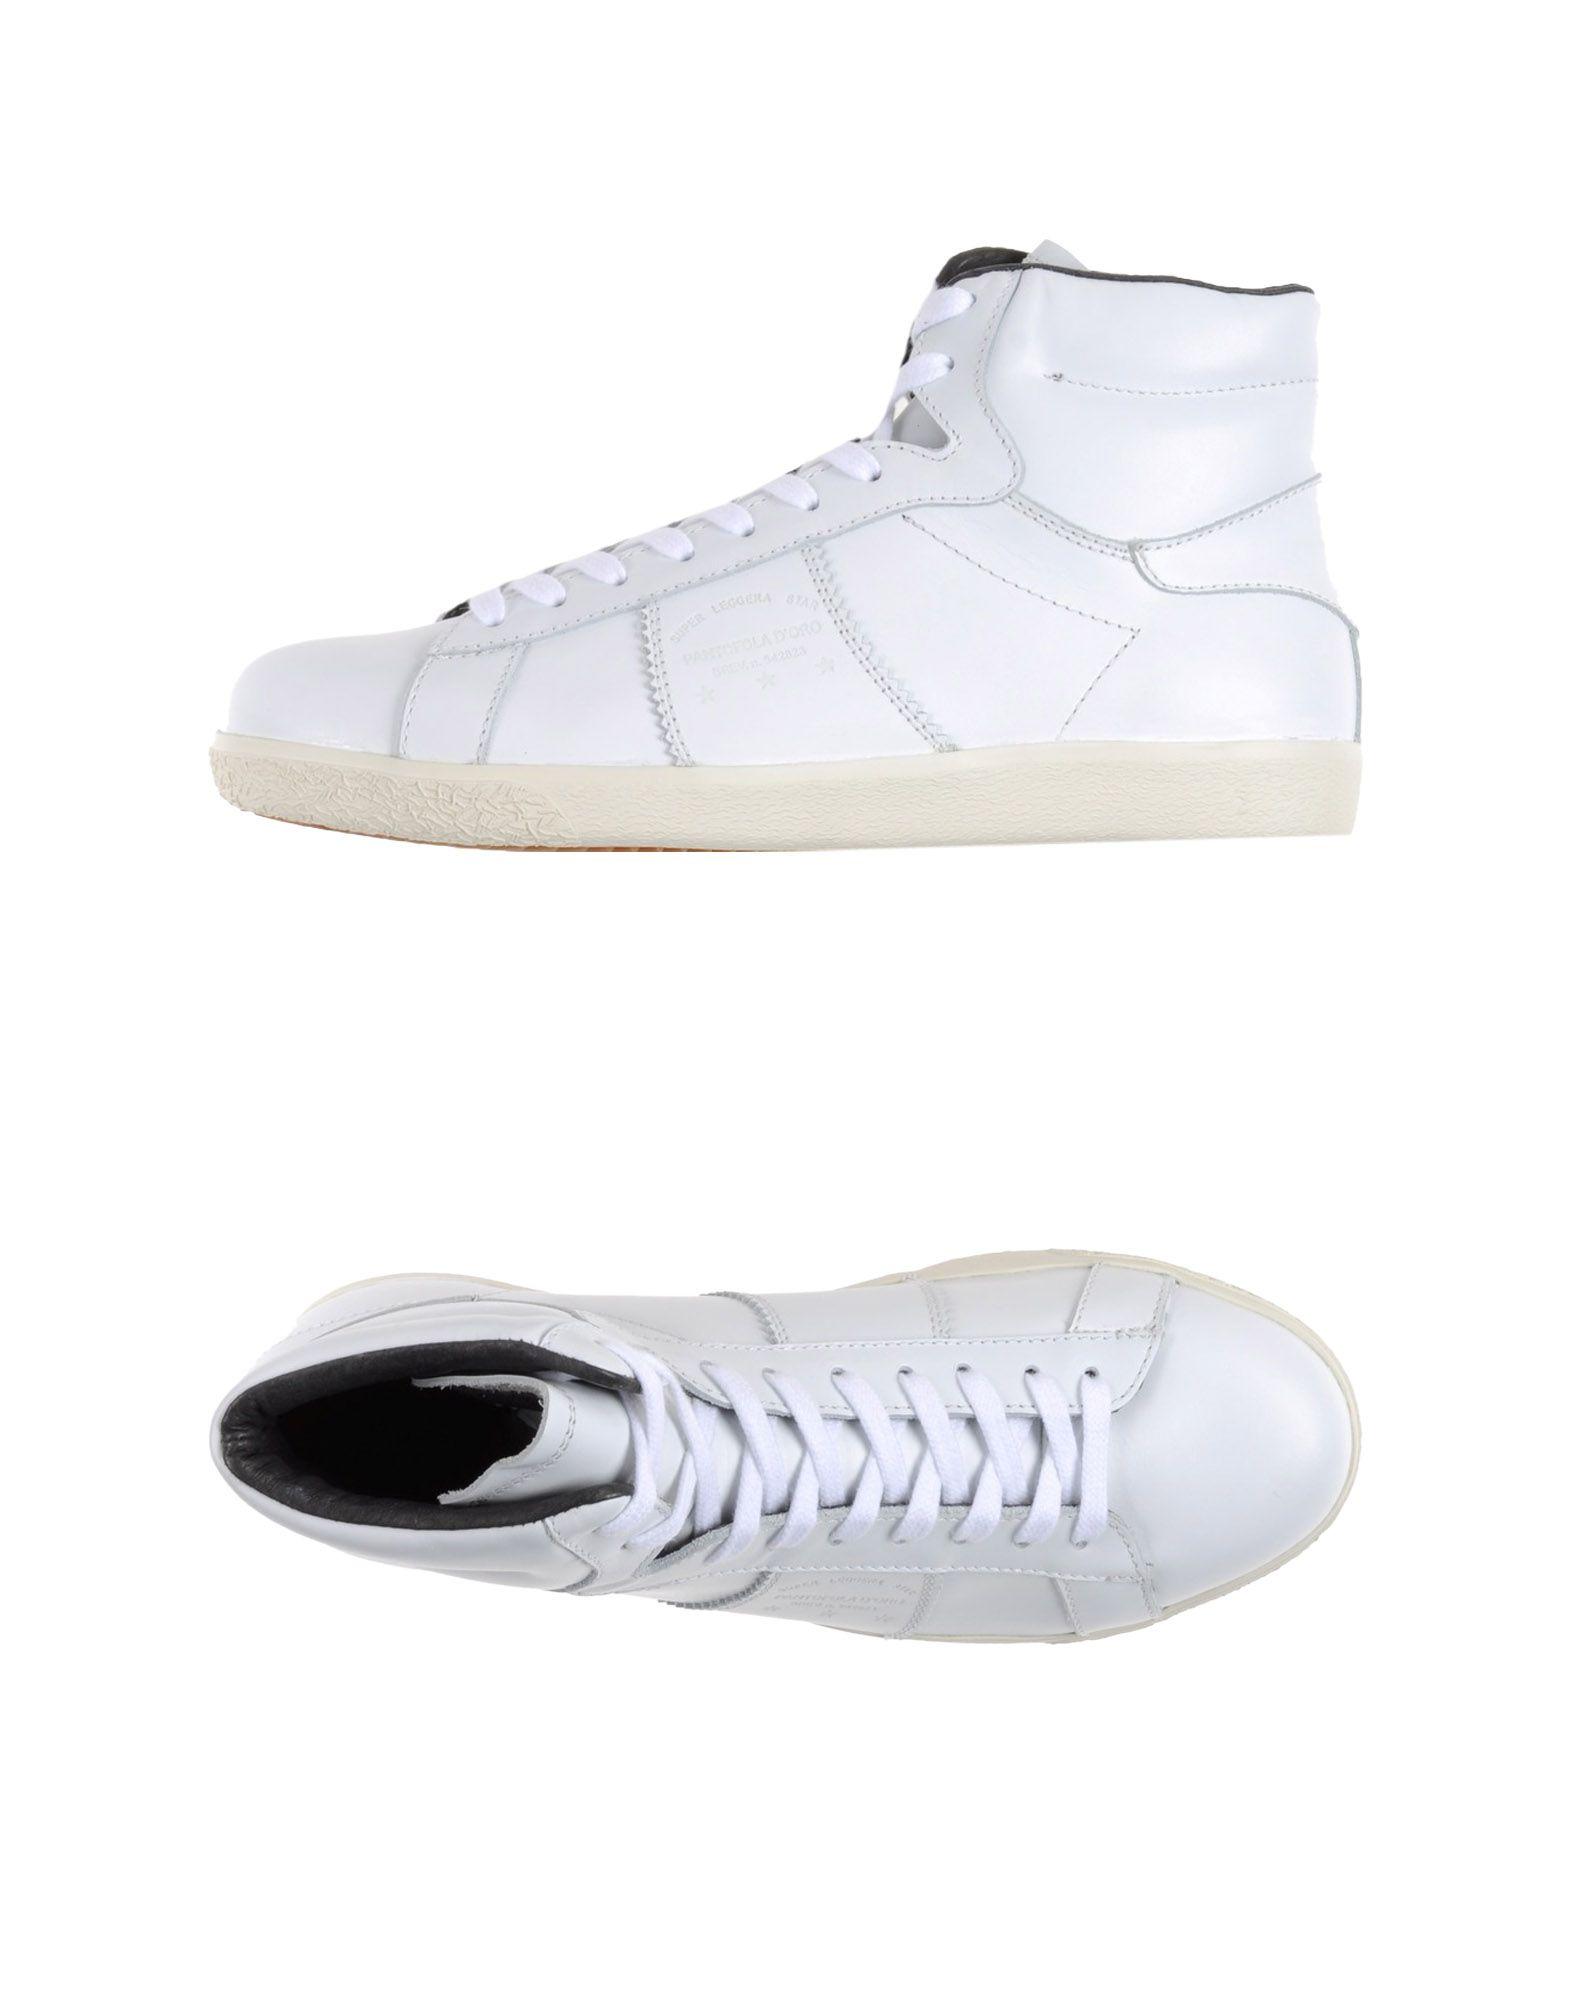 Rabatt echte Schuhe Pantofola D'oro Sneakers Herren  44915603RT